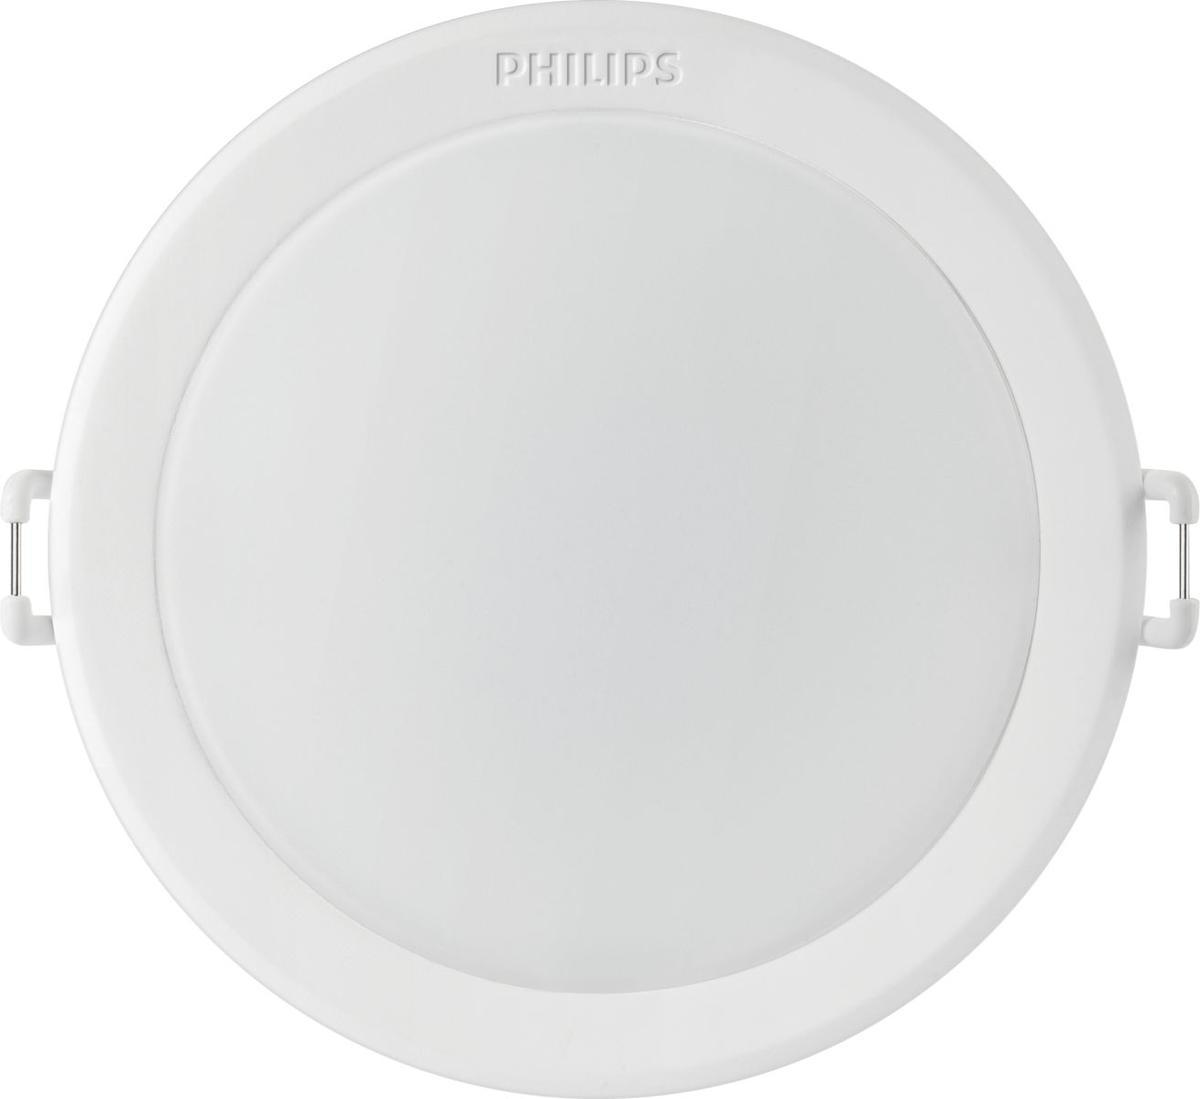 Philips LED deckenbeleuchtung Leuchte 3.5W Meson Tageslicht 59200/31/P3